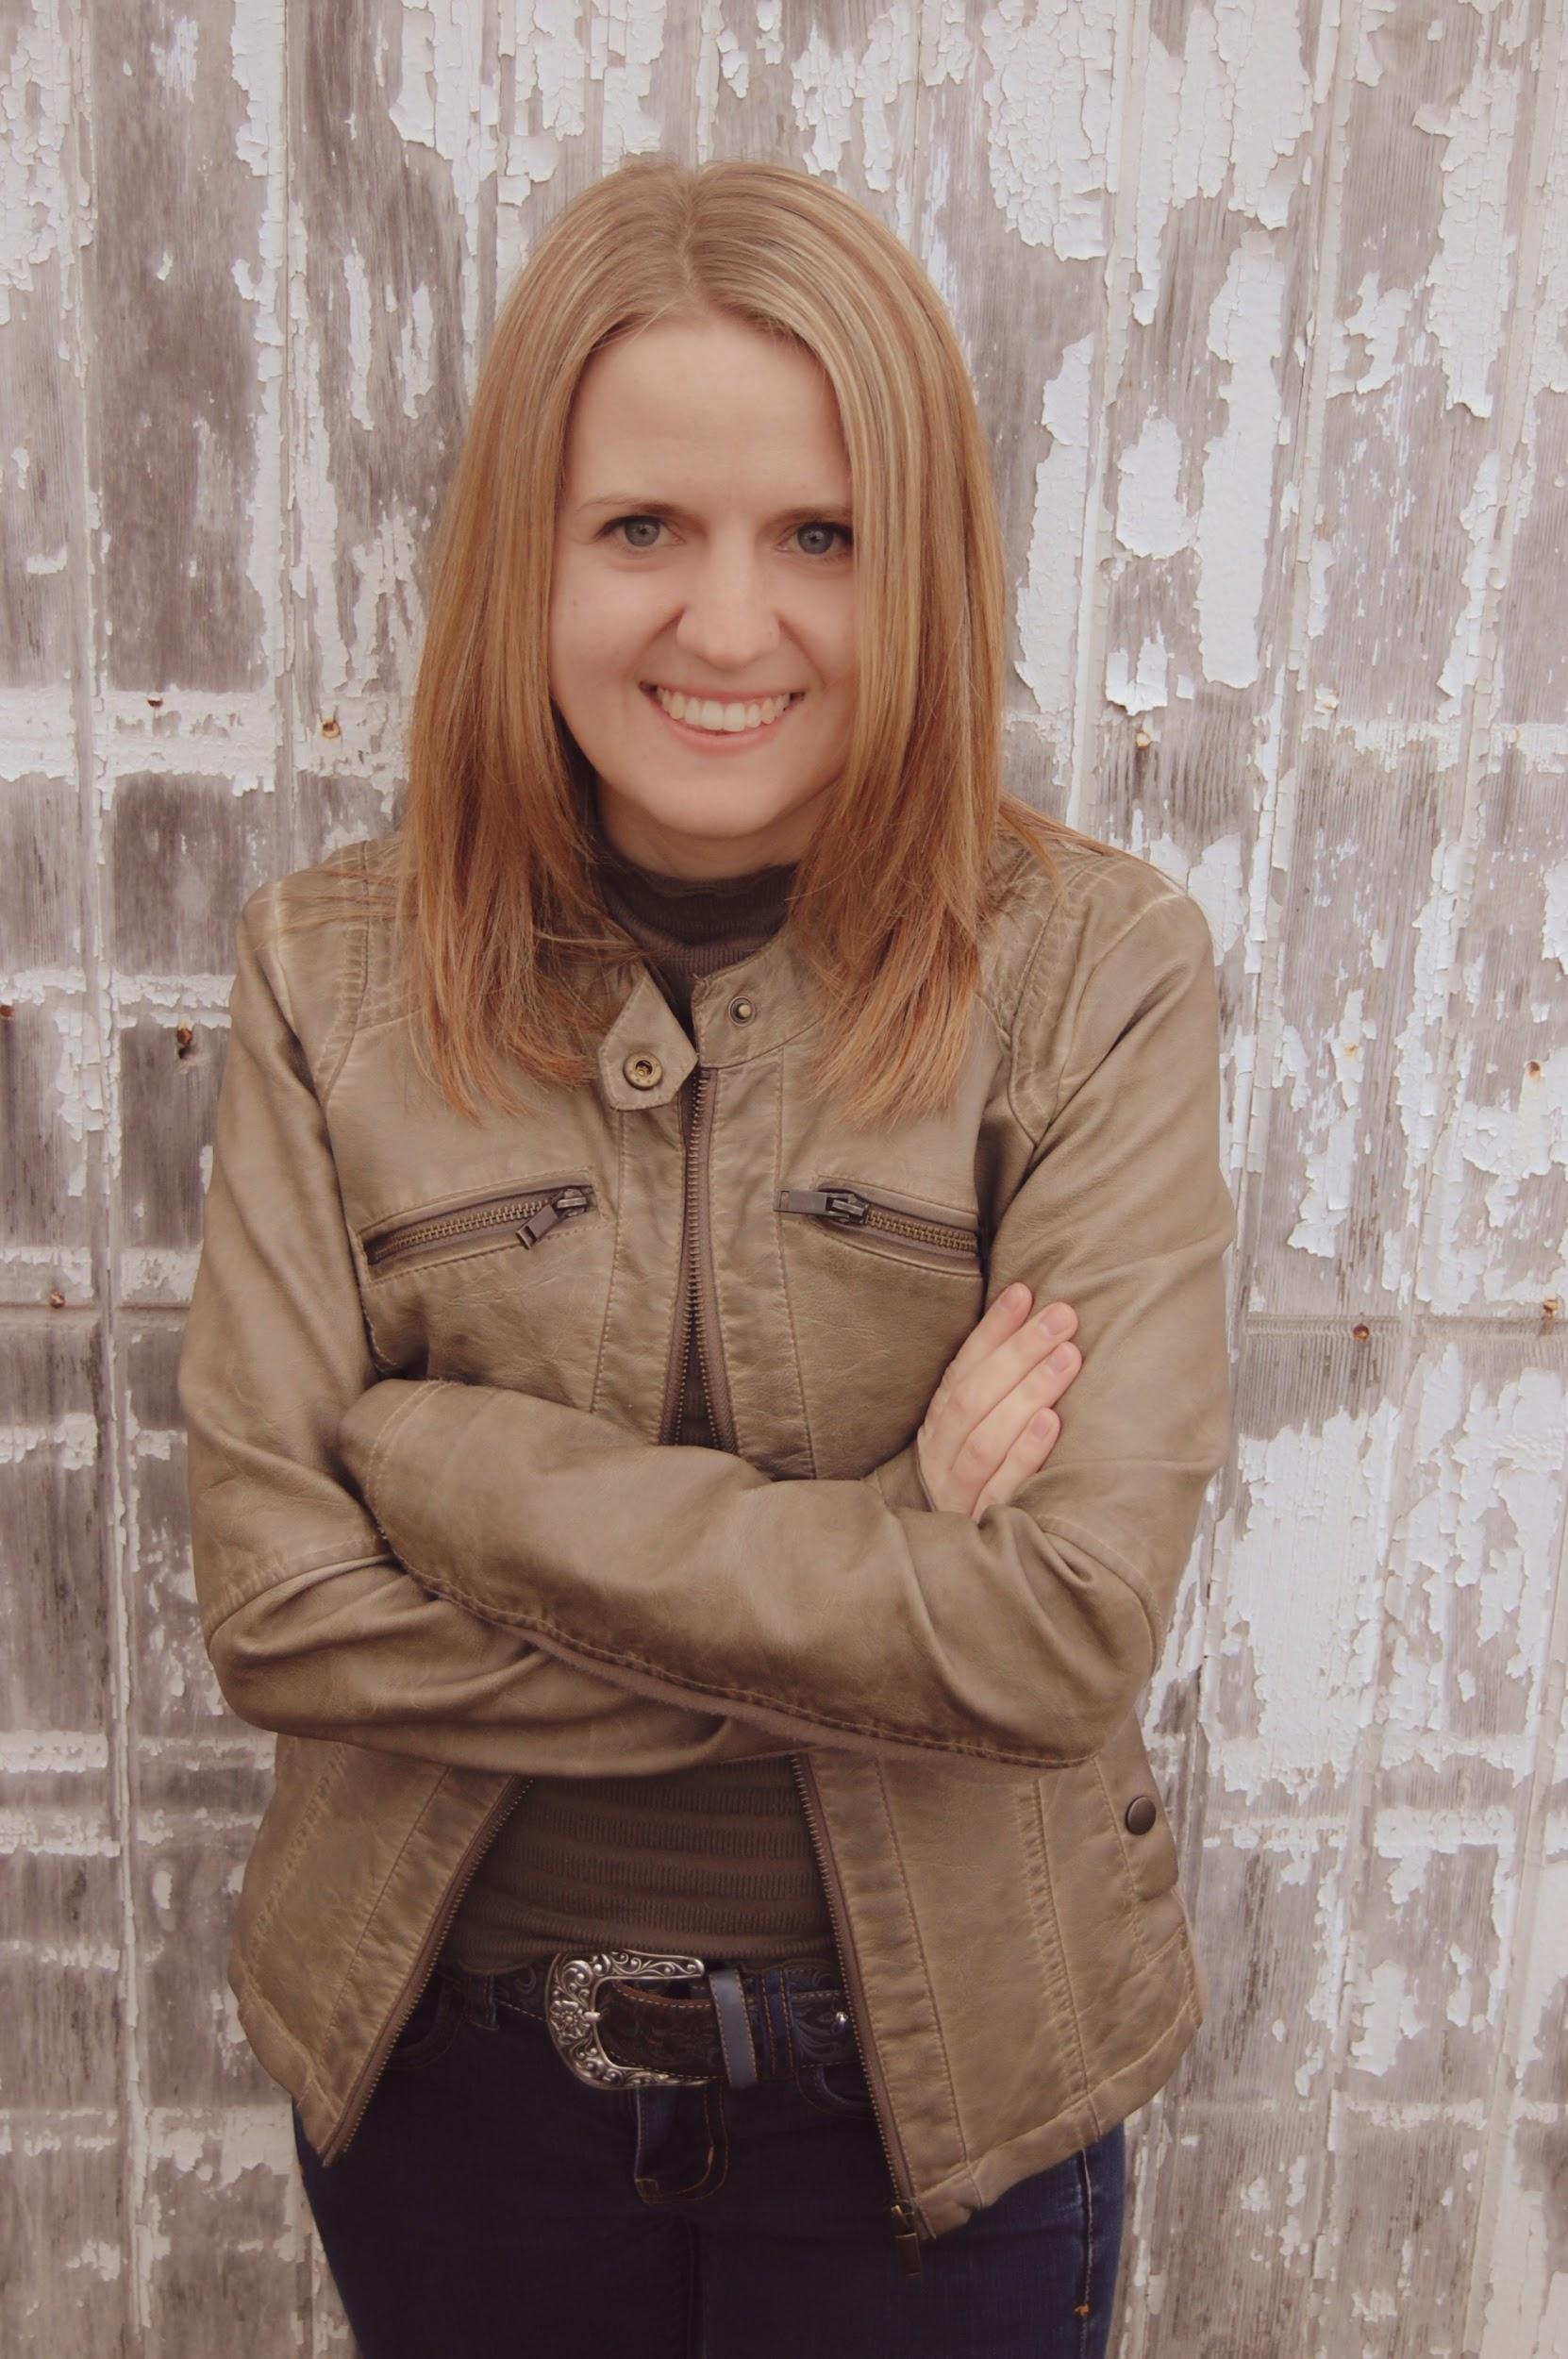 Katelyn Diane